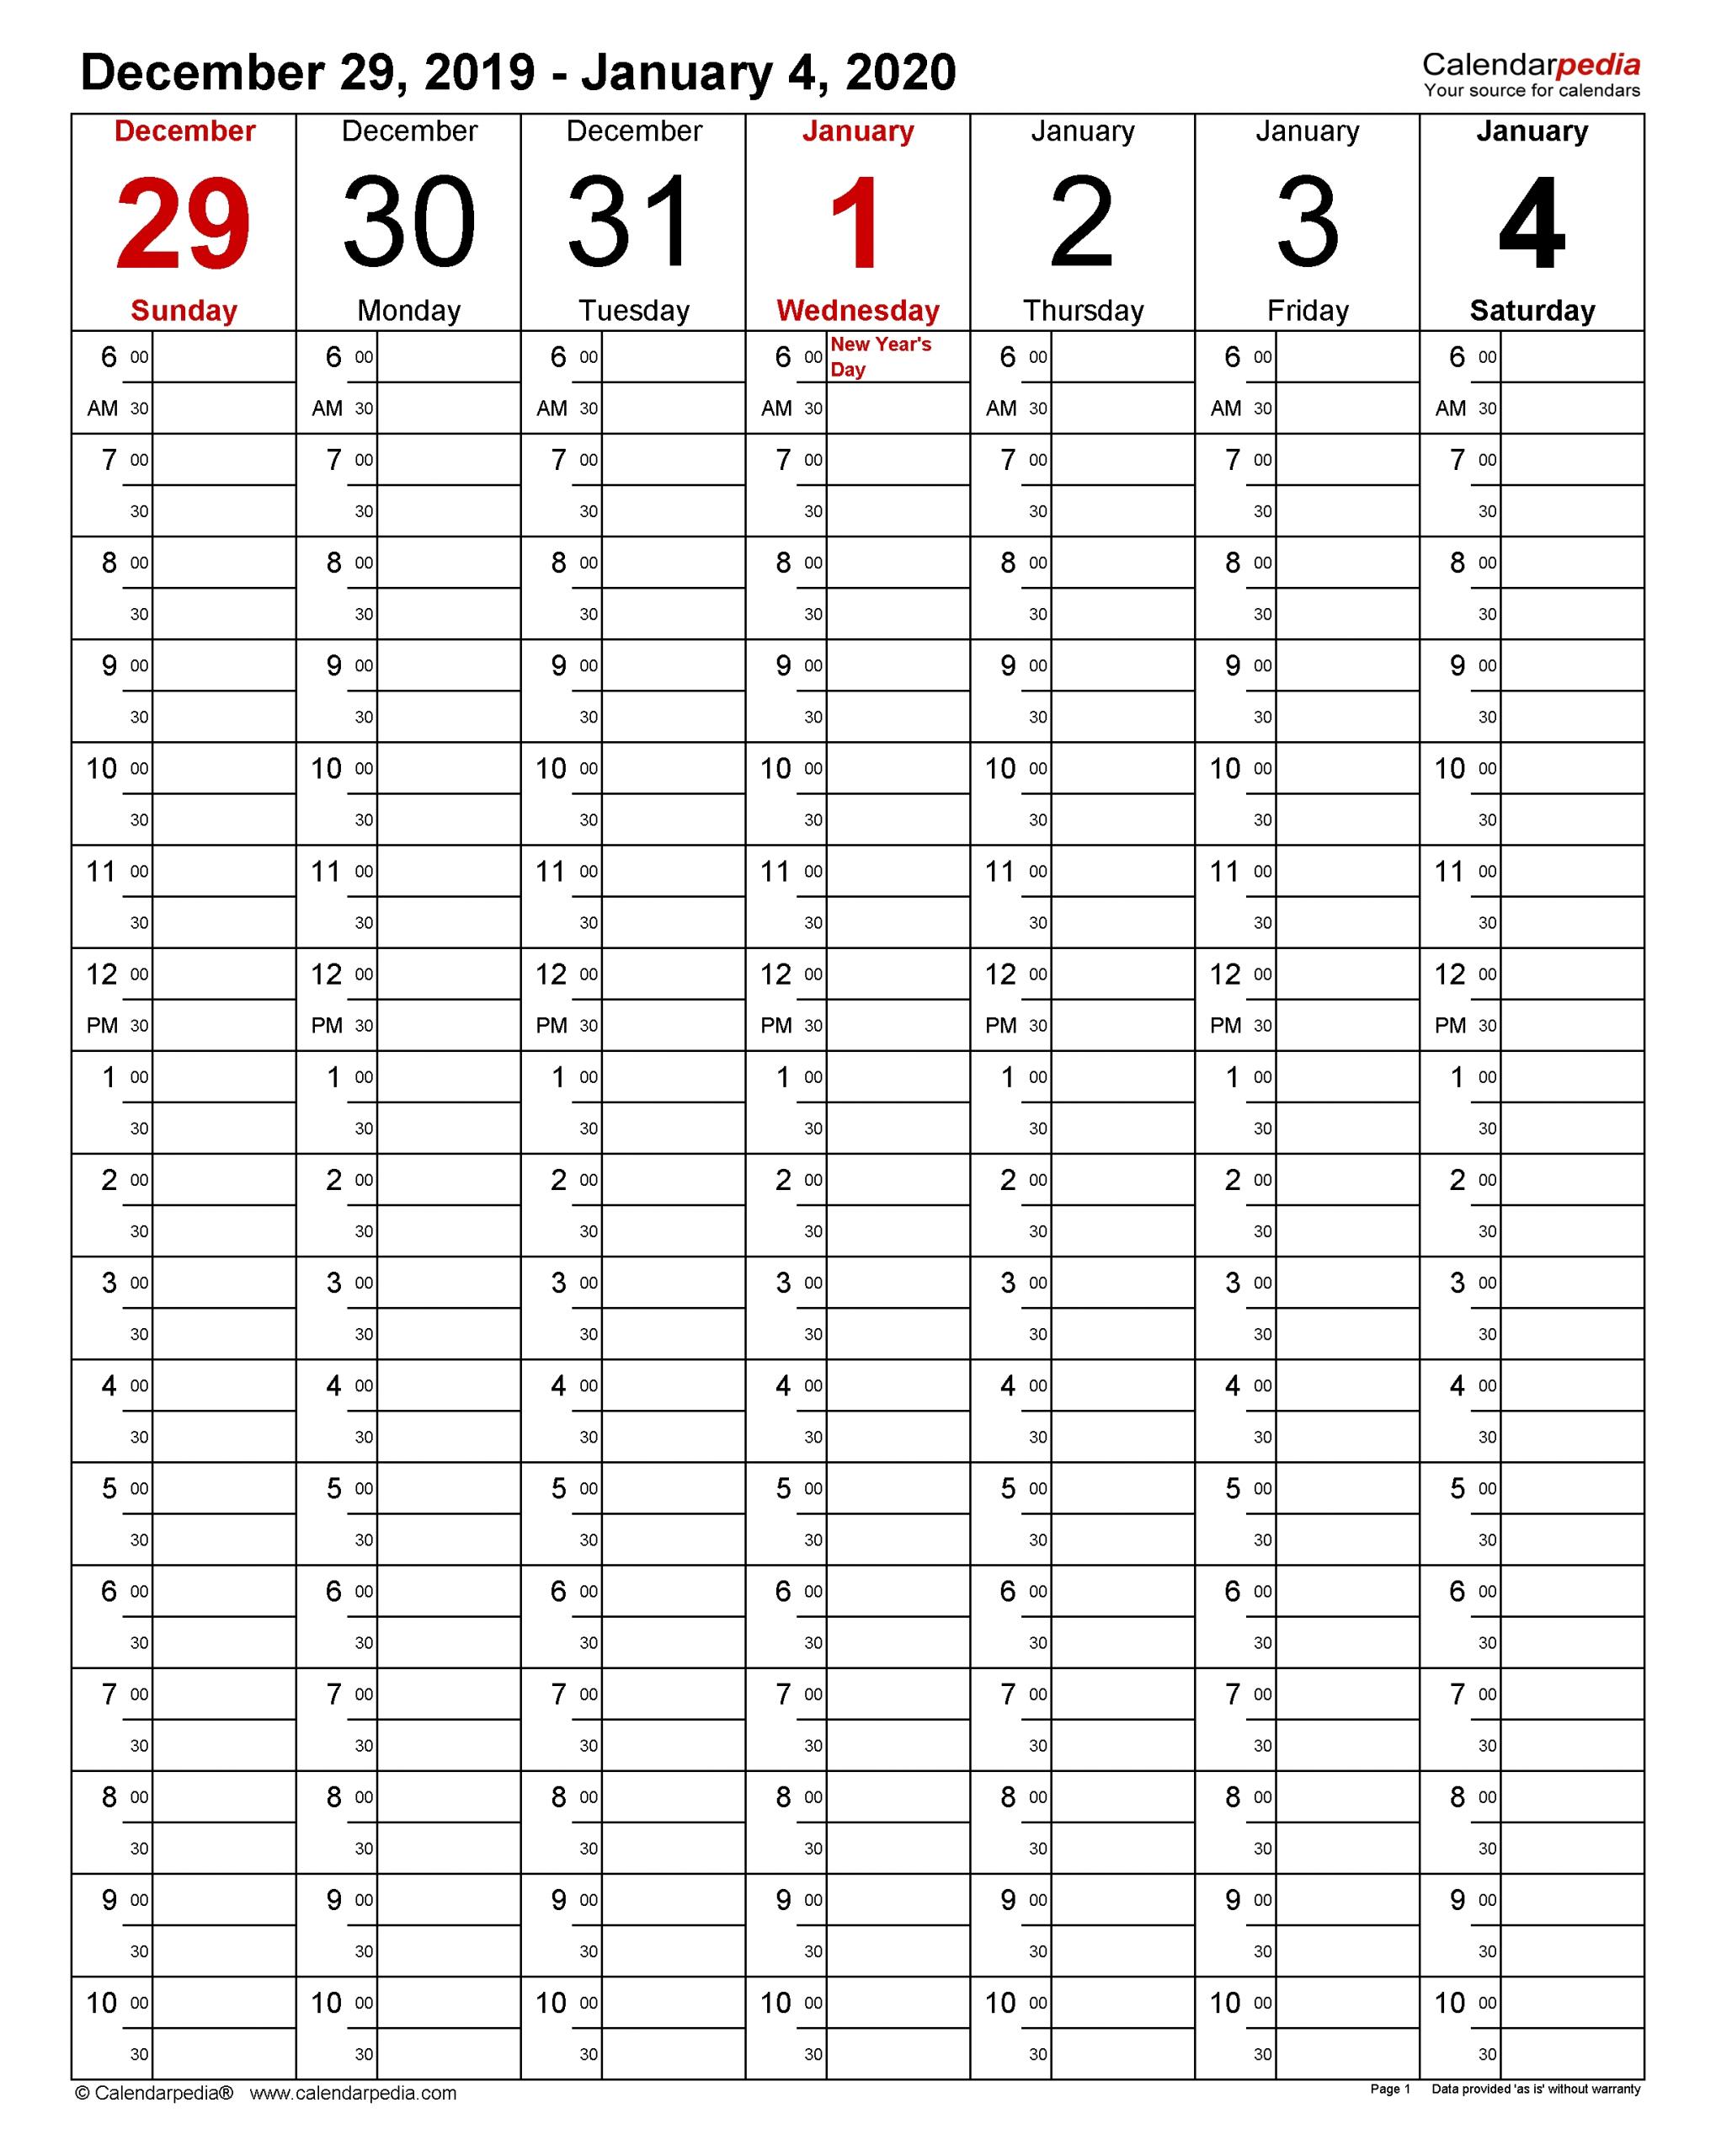 Weekly Calendars 2020 For Excel - 12 Free Printable Templates  Excel Calendar Week